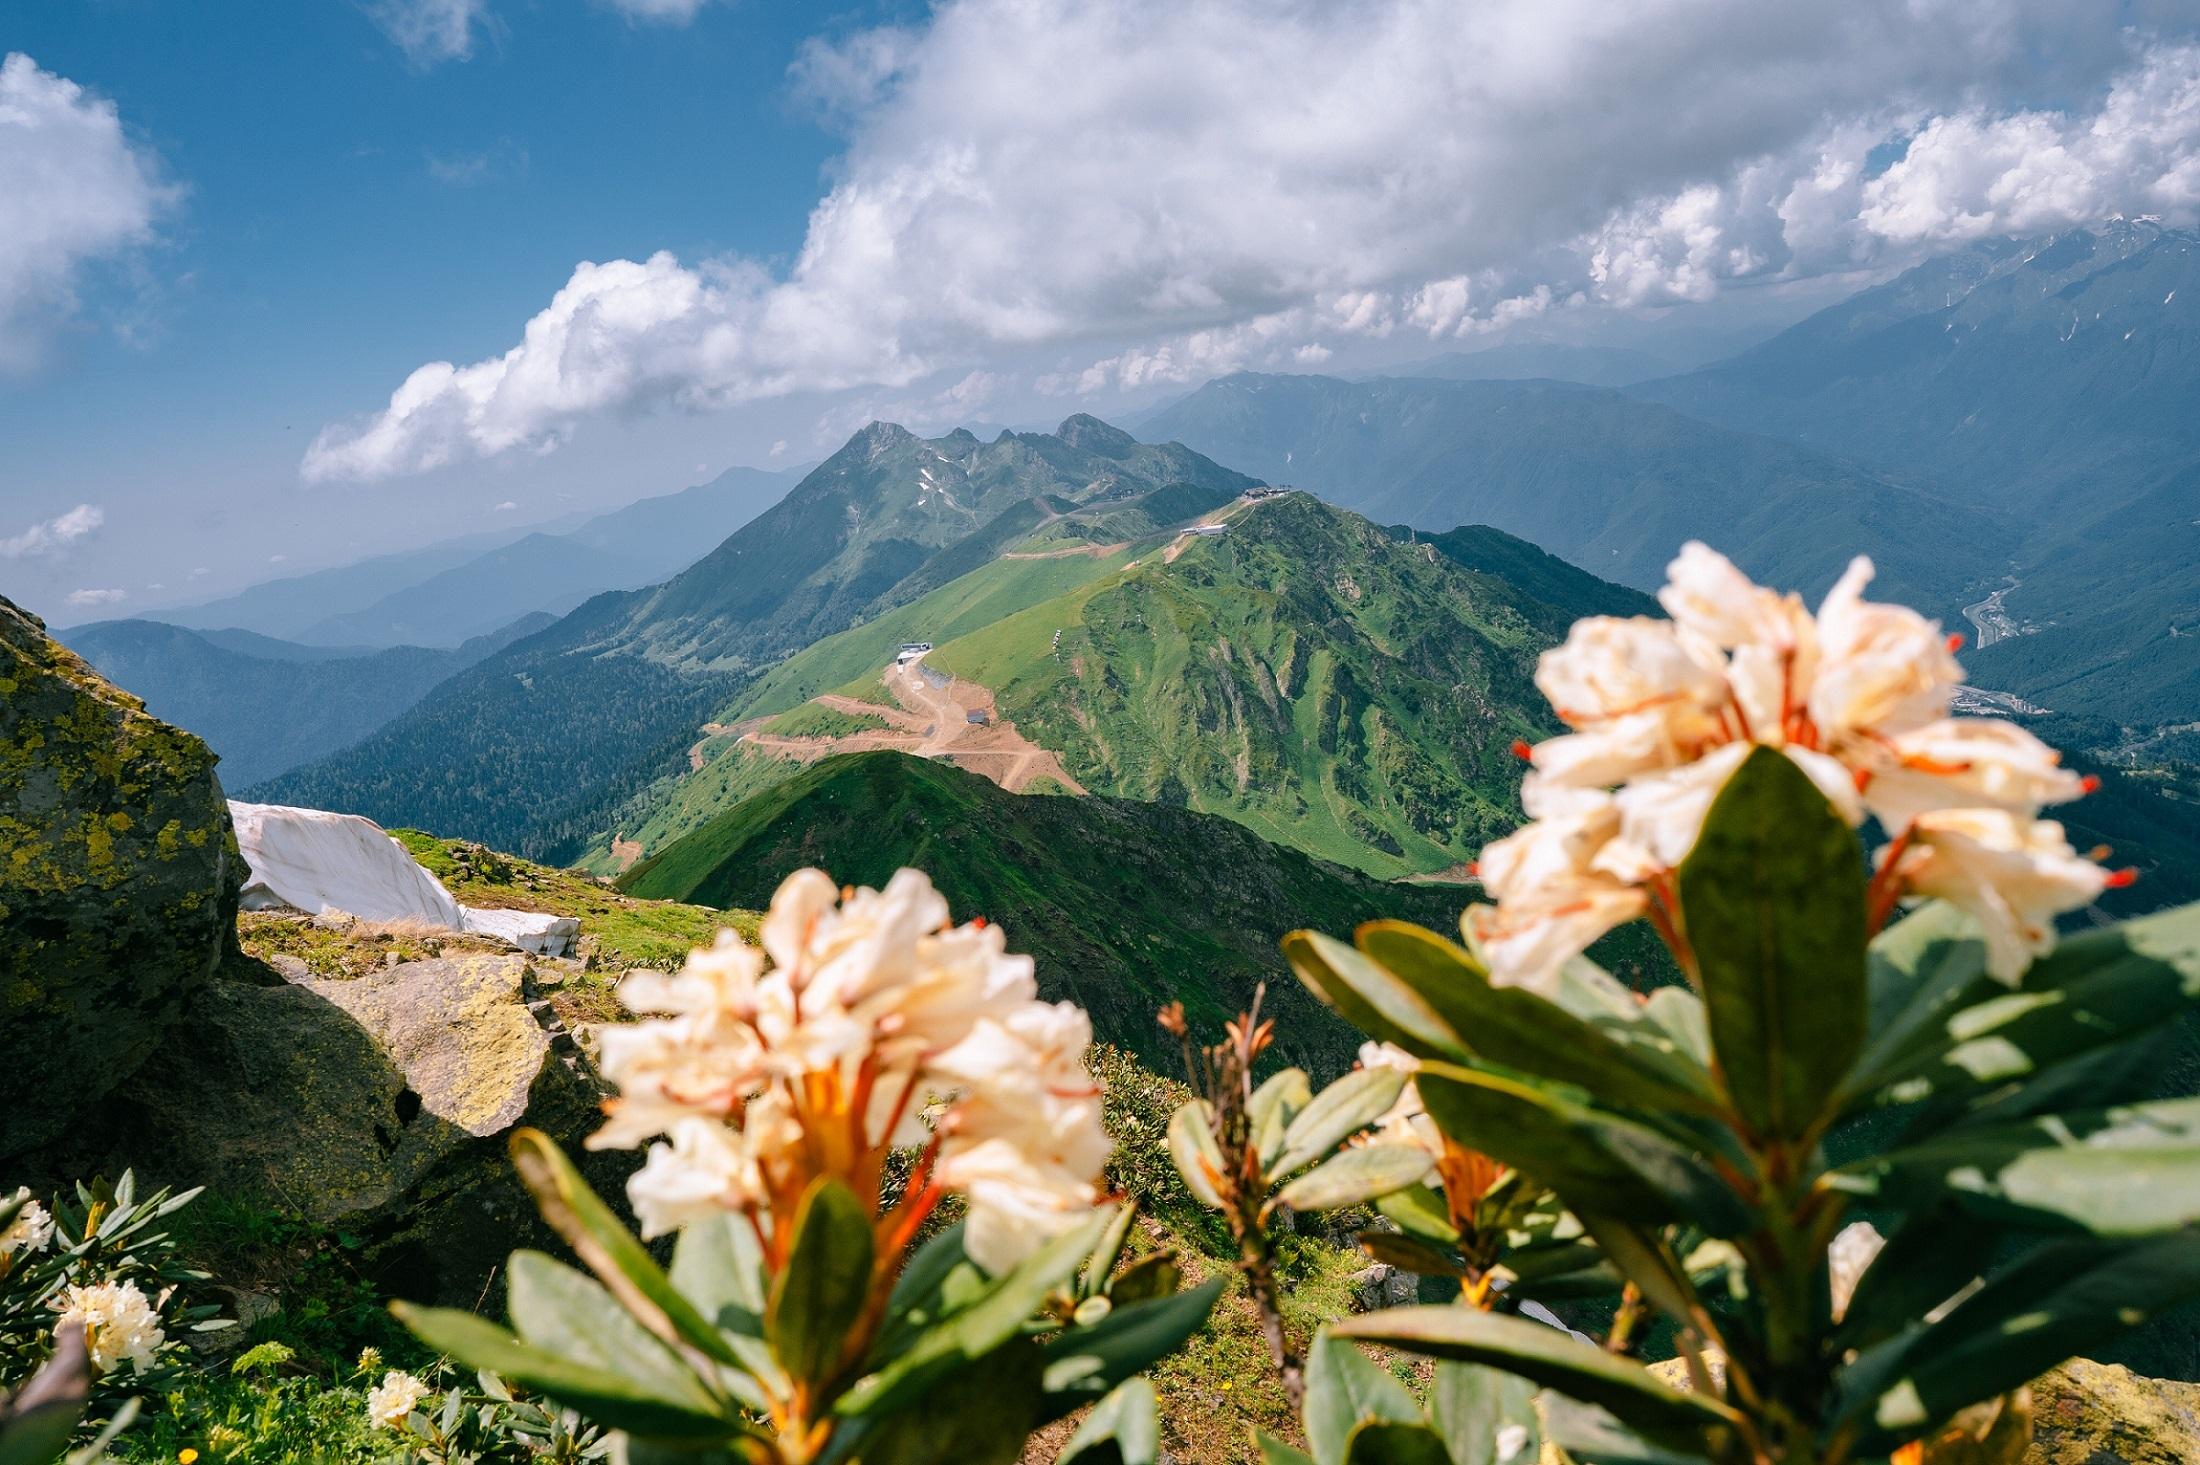 В горах Сочи начнут внедрять зеленые стандарты в туризме